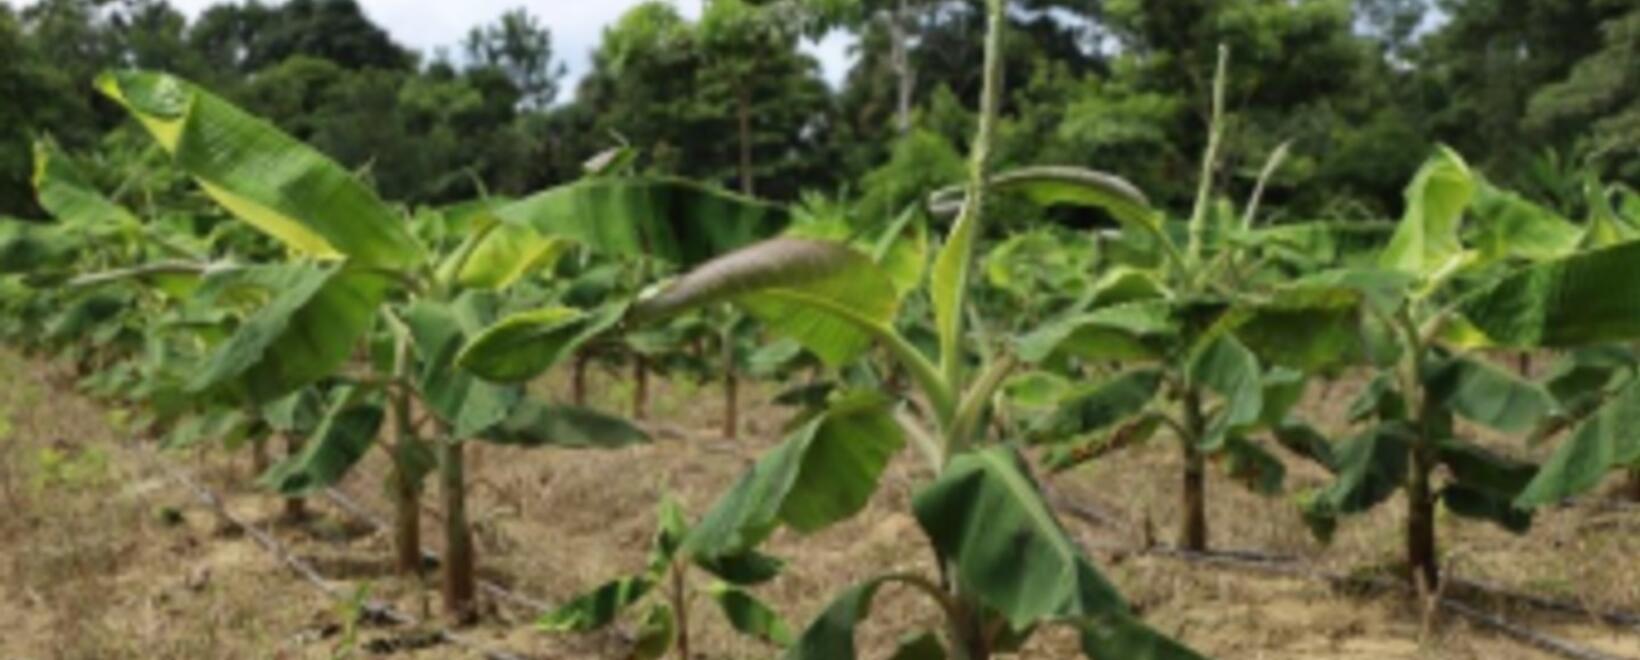 ¿Cómo funcionan las producciones de plátano? ¡Aquí se lo contamos!